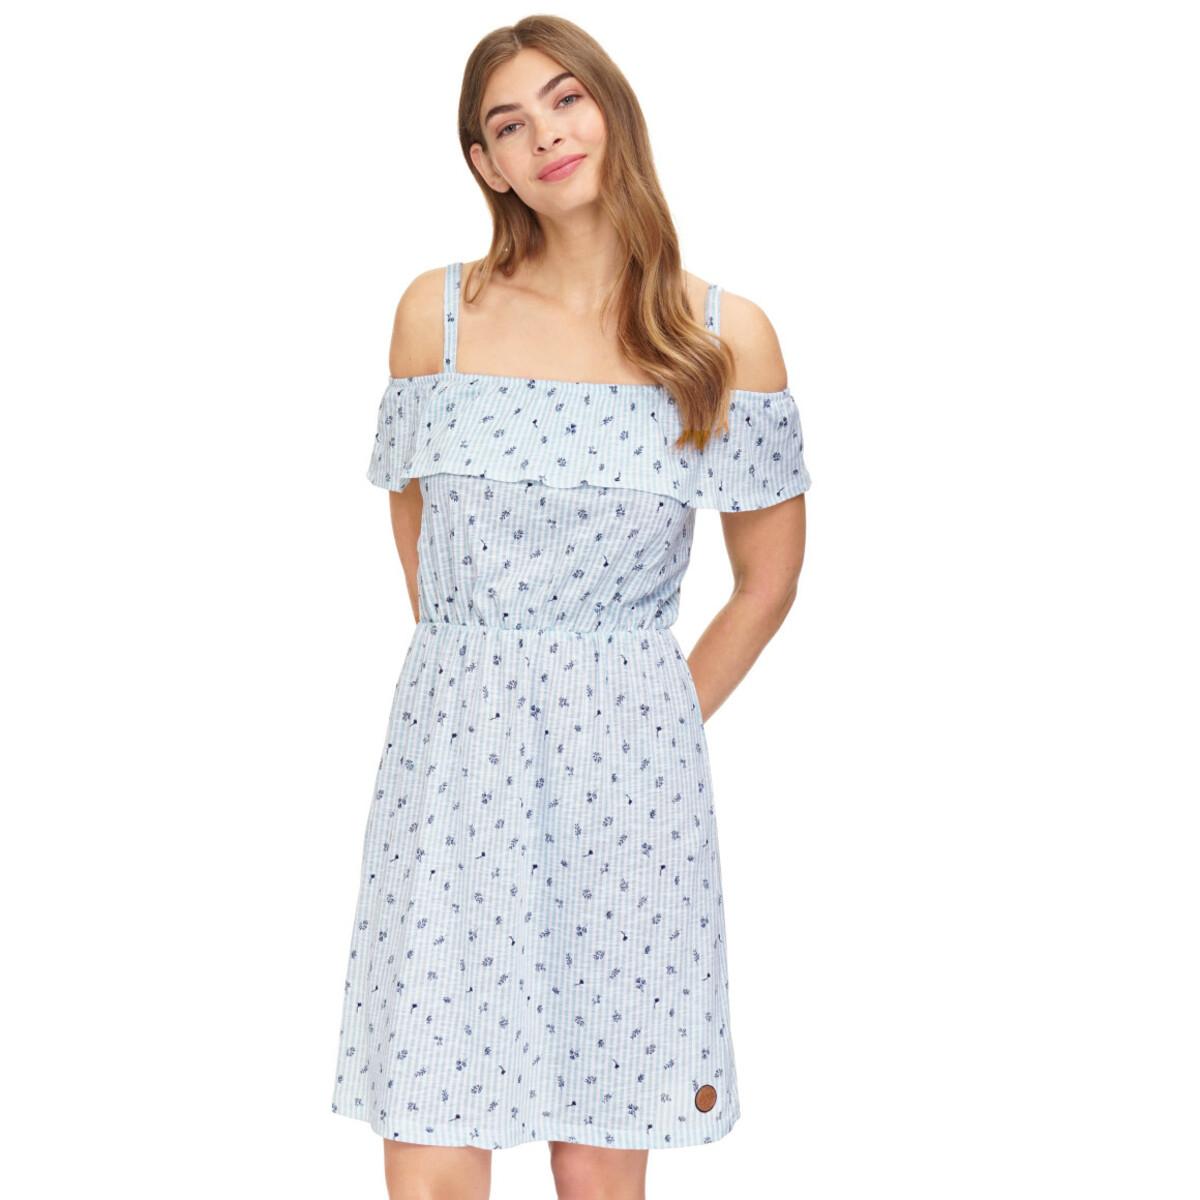 Bild 2 von Damen Kleid mit Allover-Print